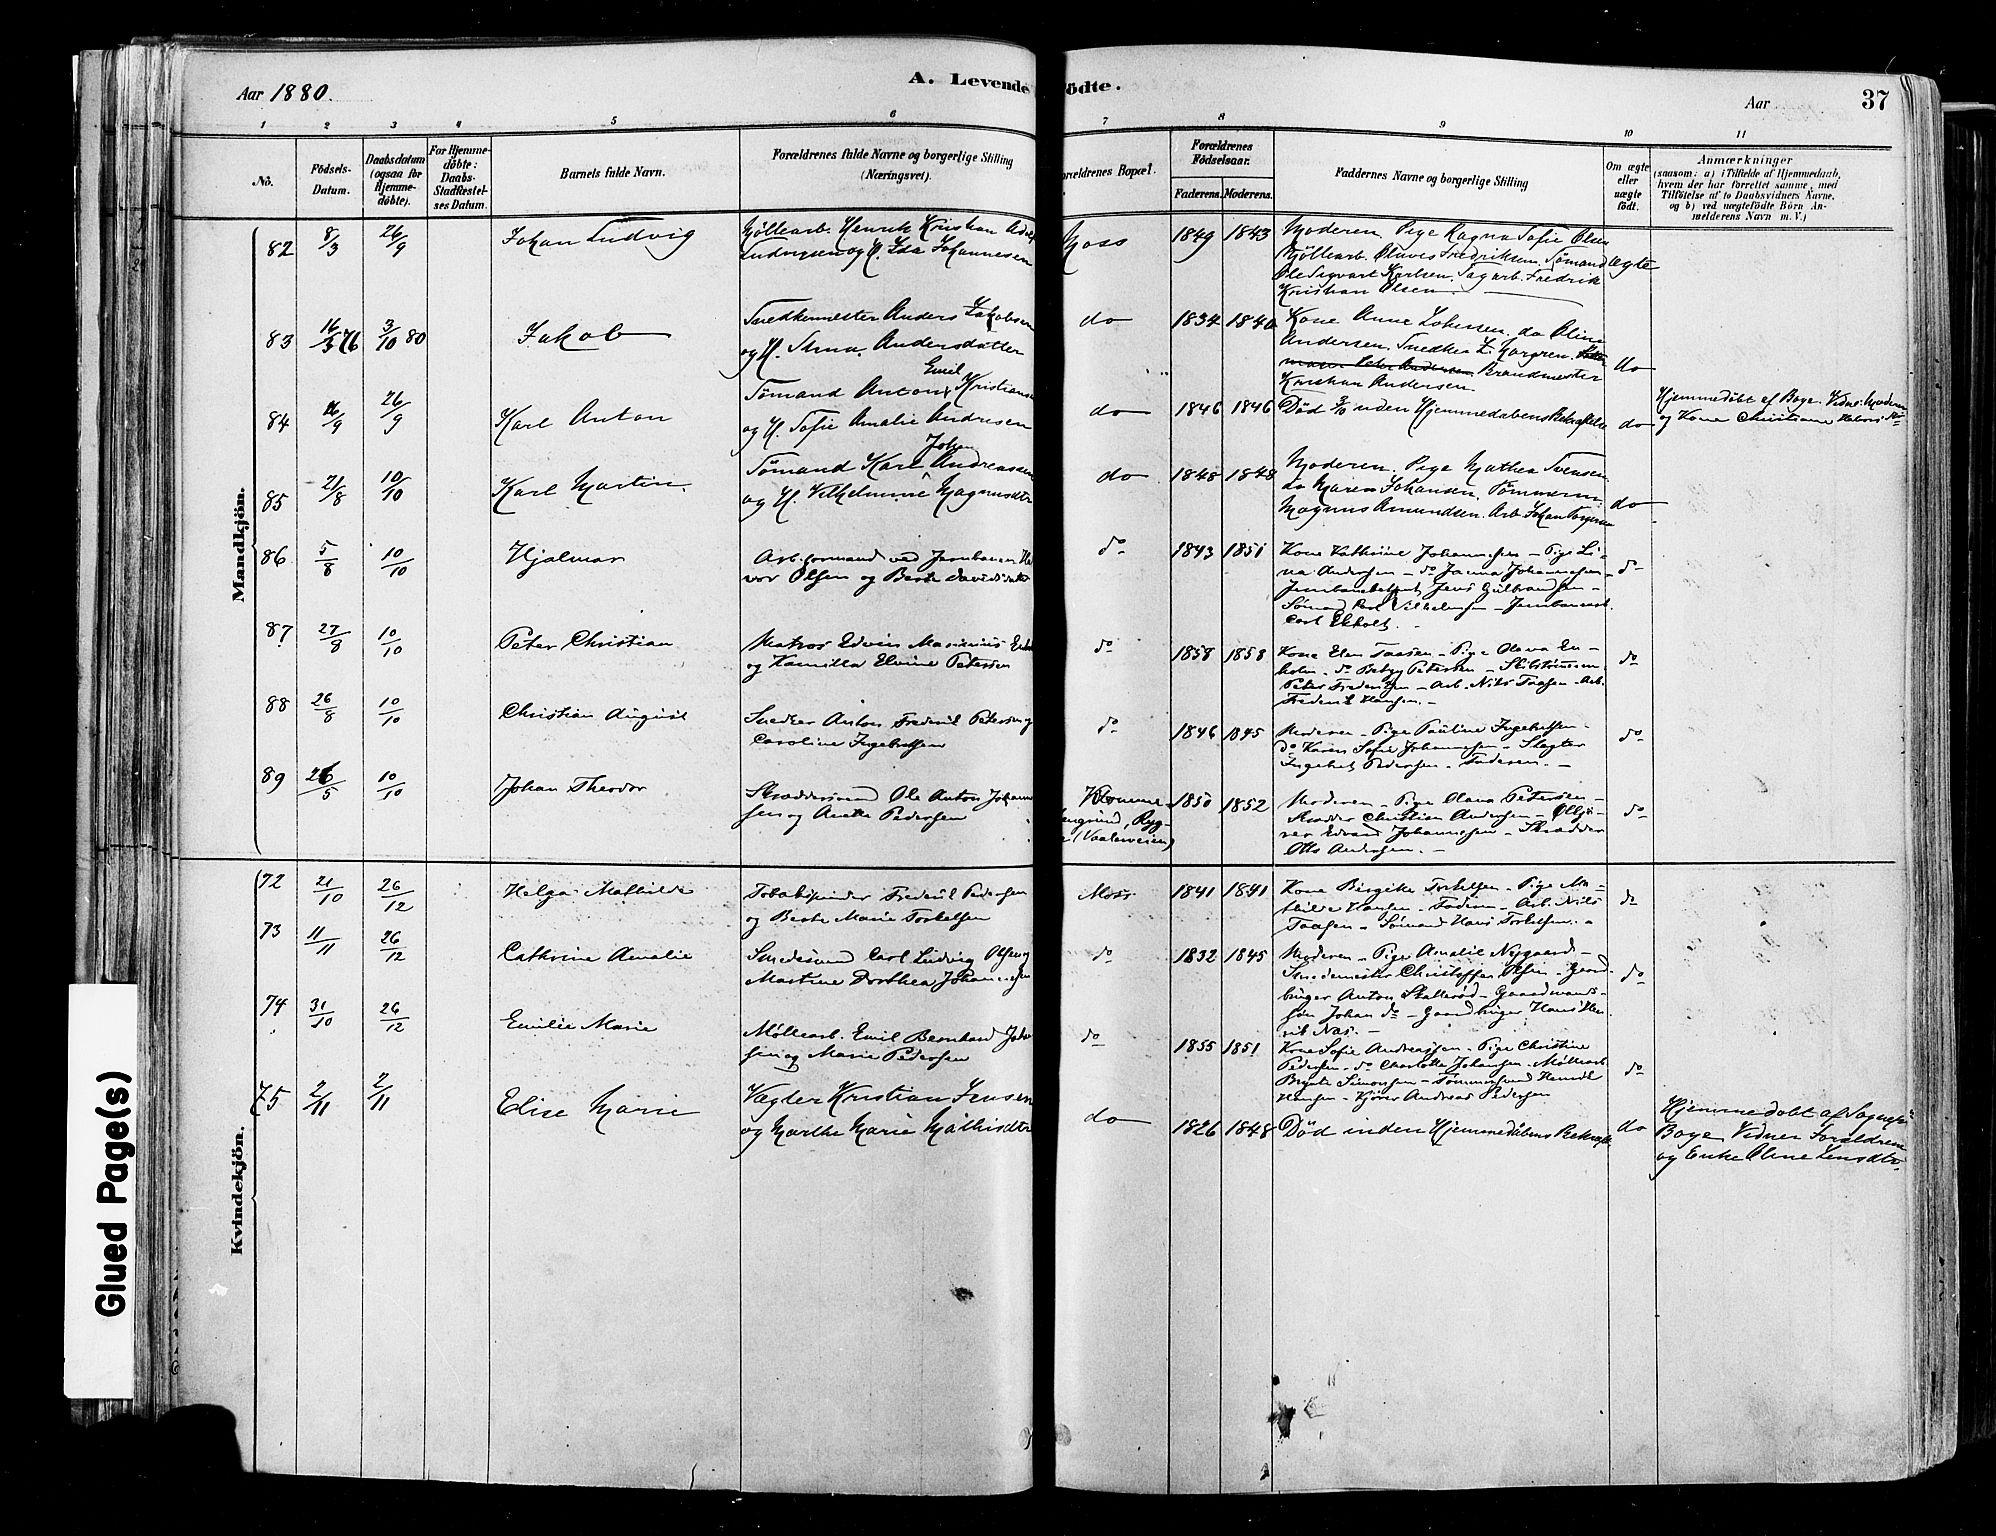 SAO, Moss prestekontor Kirkebøker, F/Fb/Fab/L0001: Ministerialbok nr. II 1, 1878-1886, s. 37